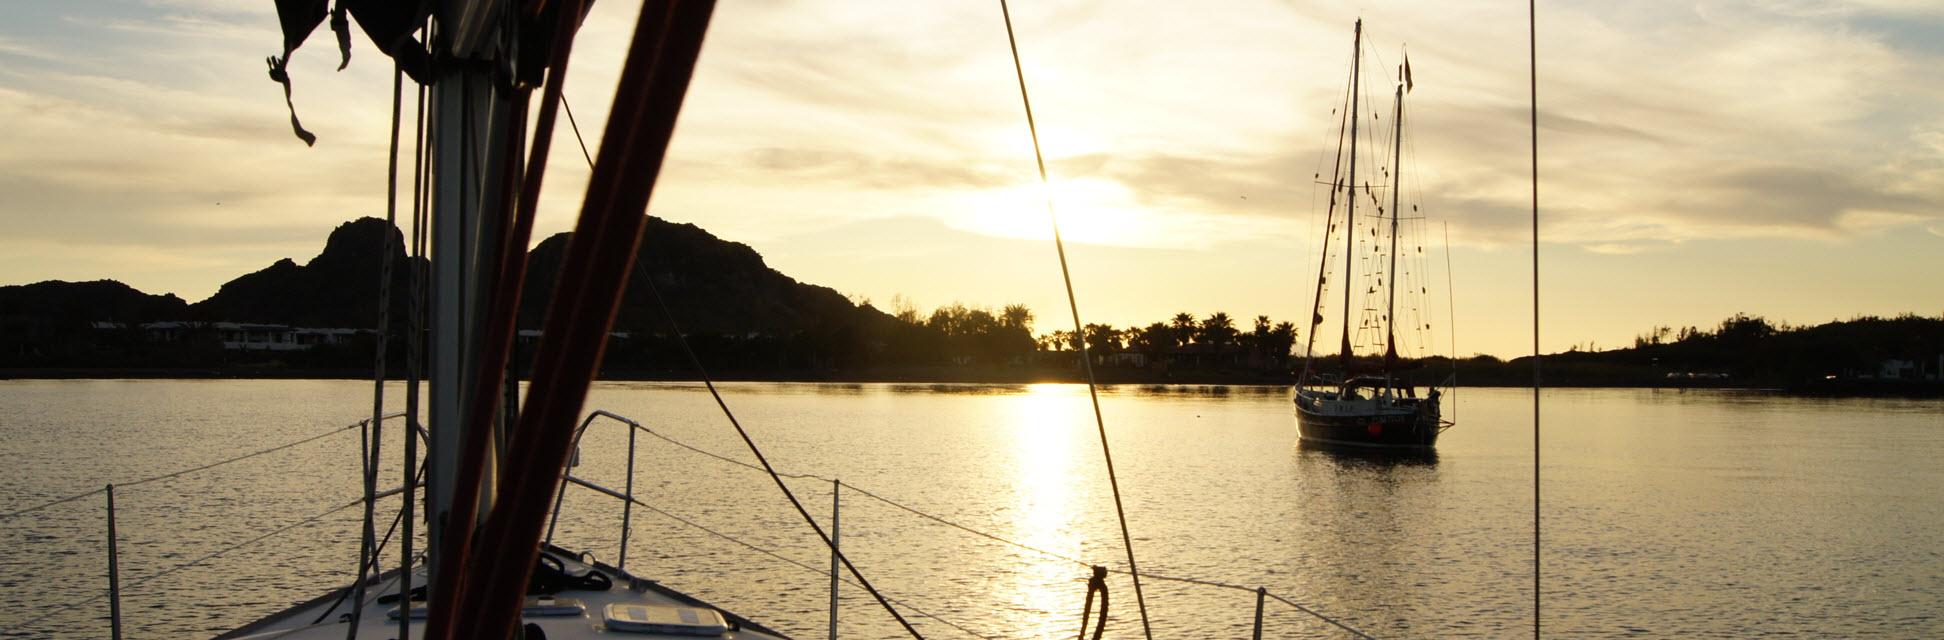 Vulcano - Sunset in the beautiful anchorage of the Porto di Levante